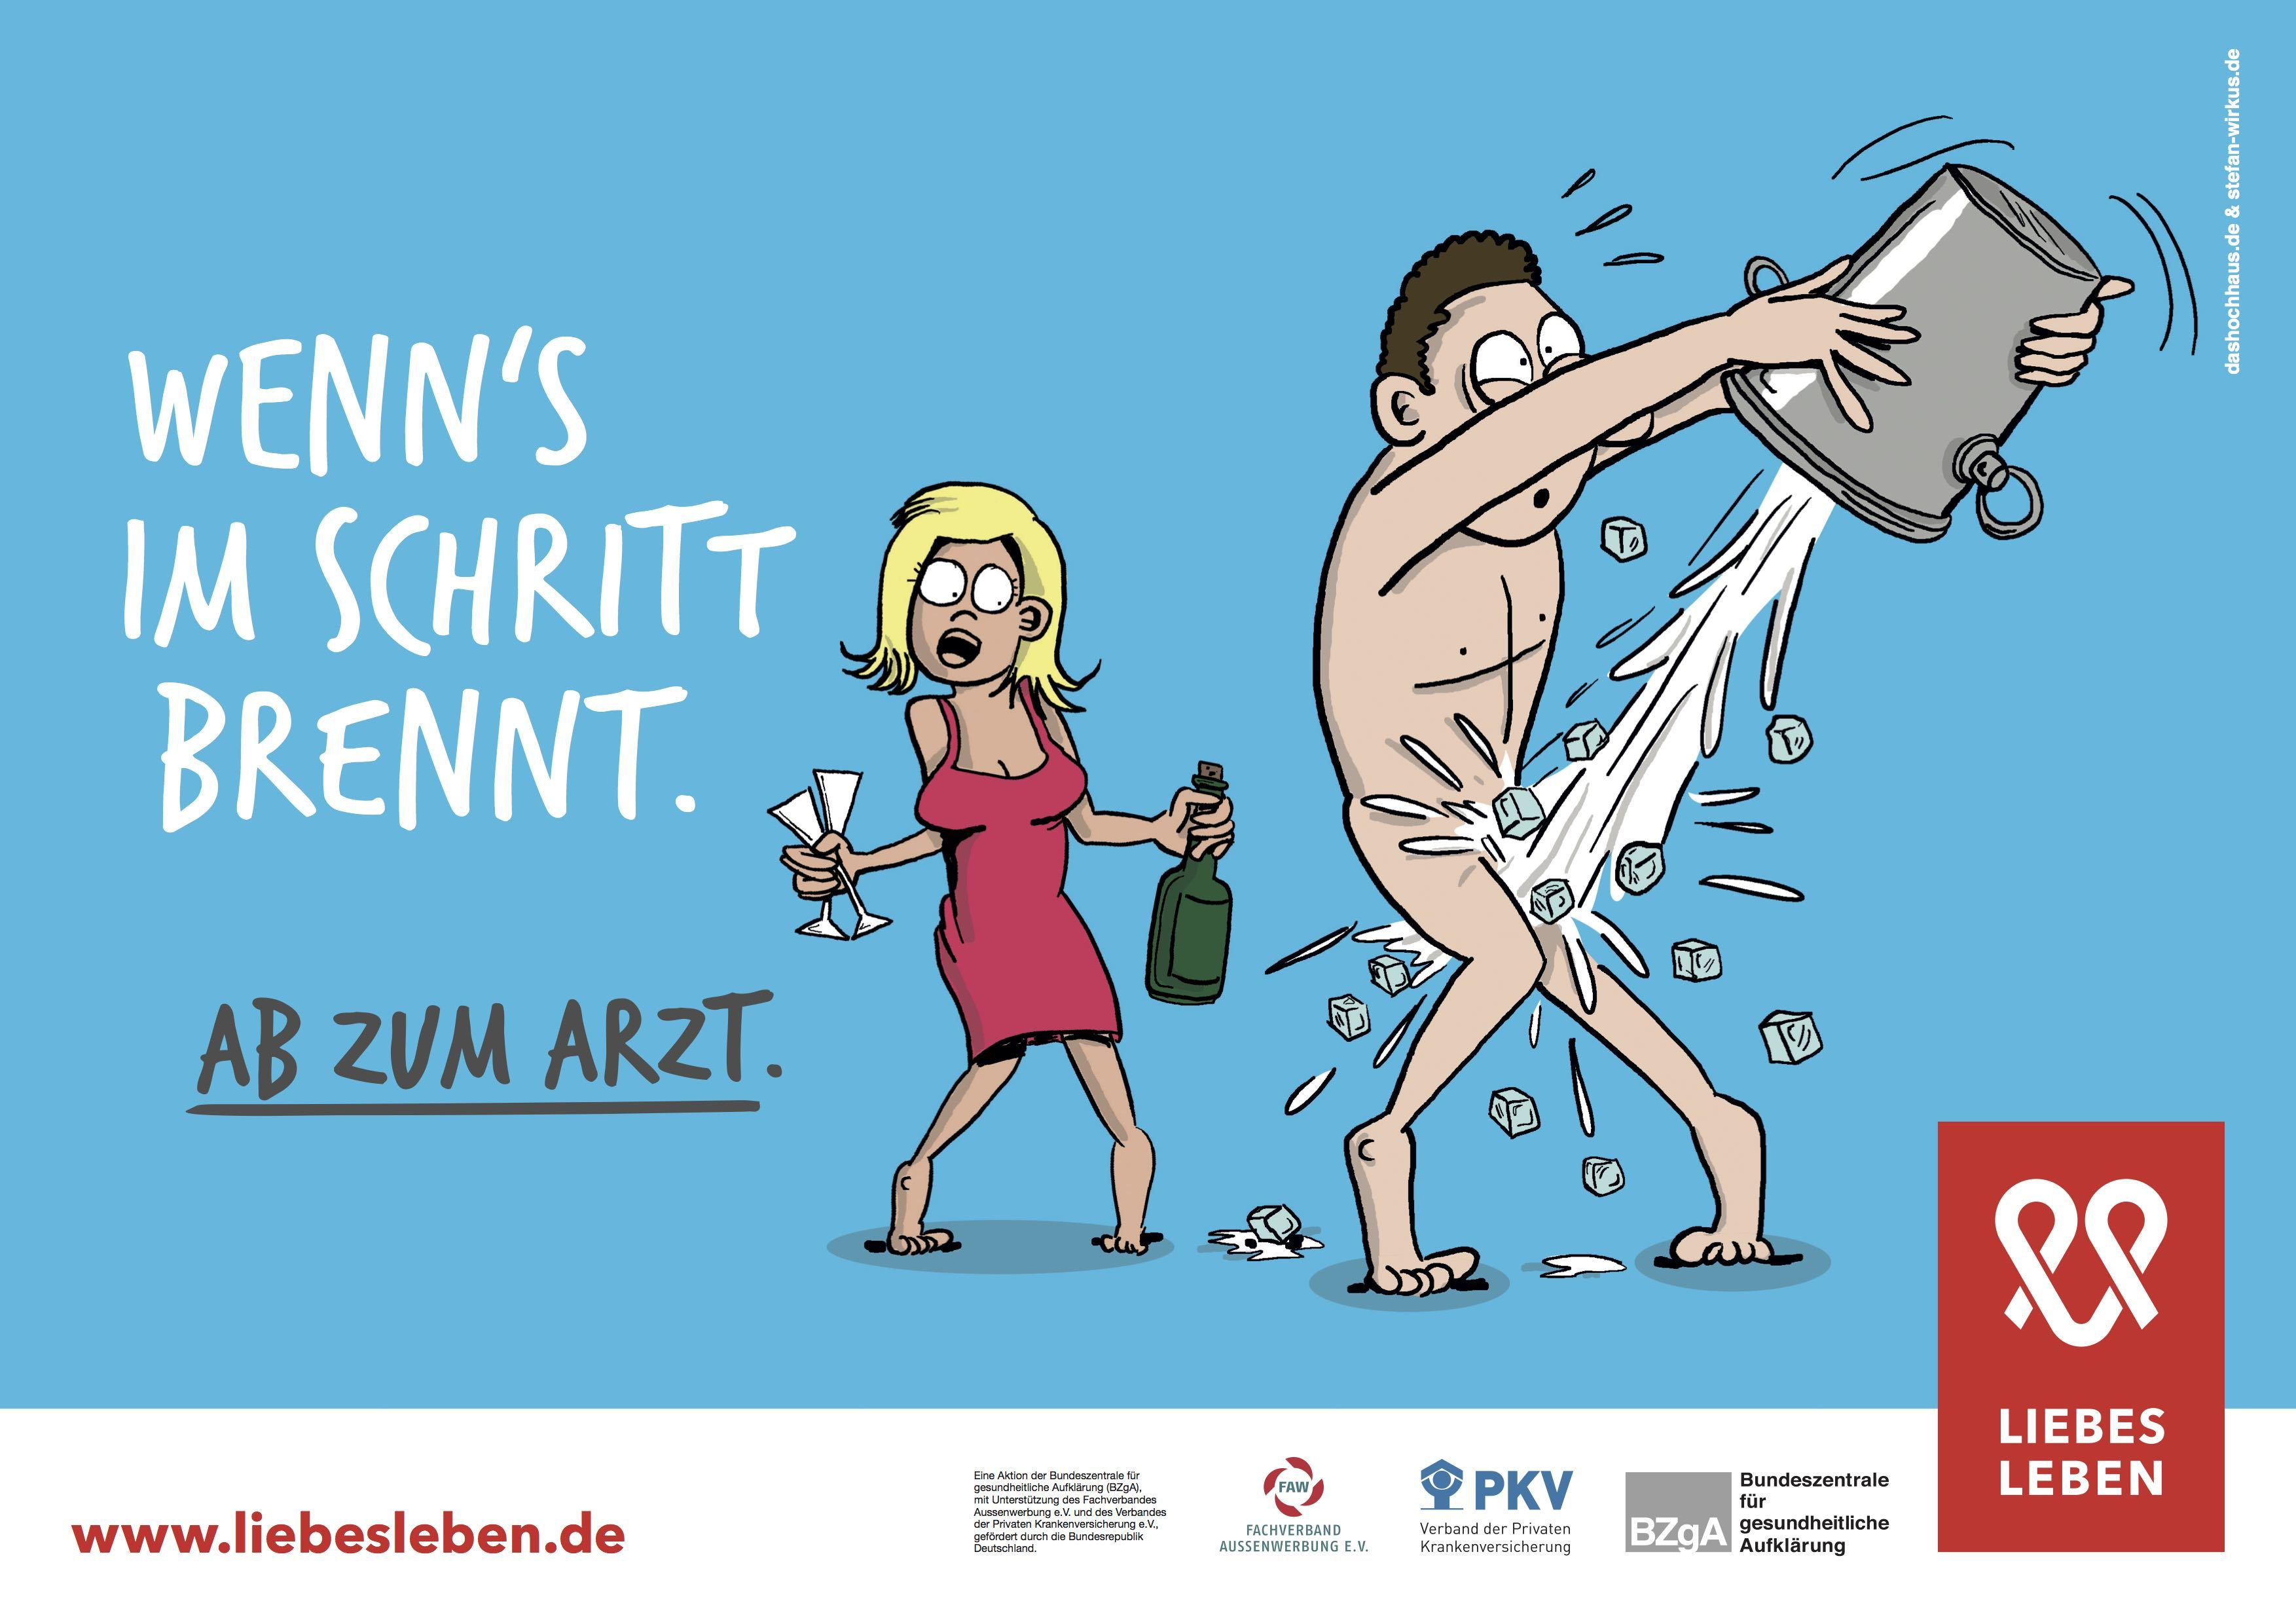 Für die Kreation der Liebesleben - Kampagne ist die Kölner Agentur Das Hochhaus in Zusammenarbeit mit dem Hamburger Illustrator Stefan Wirkus verantwortlich.